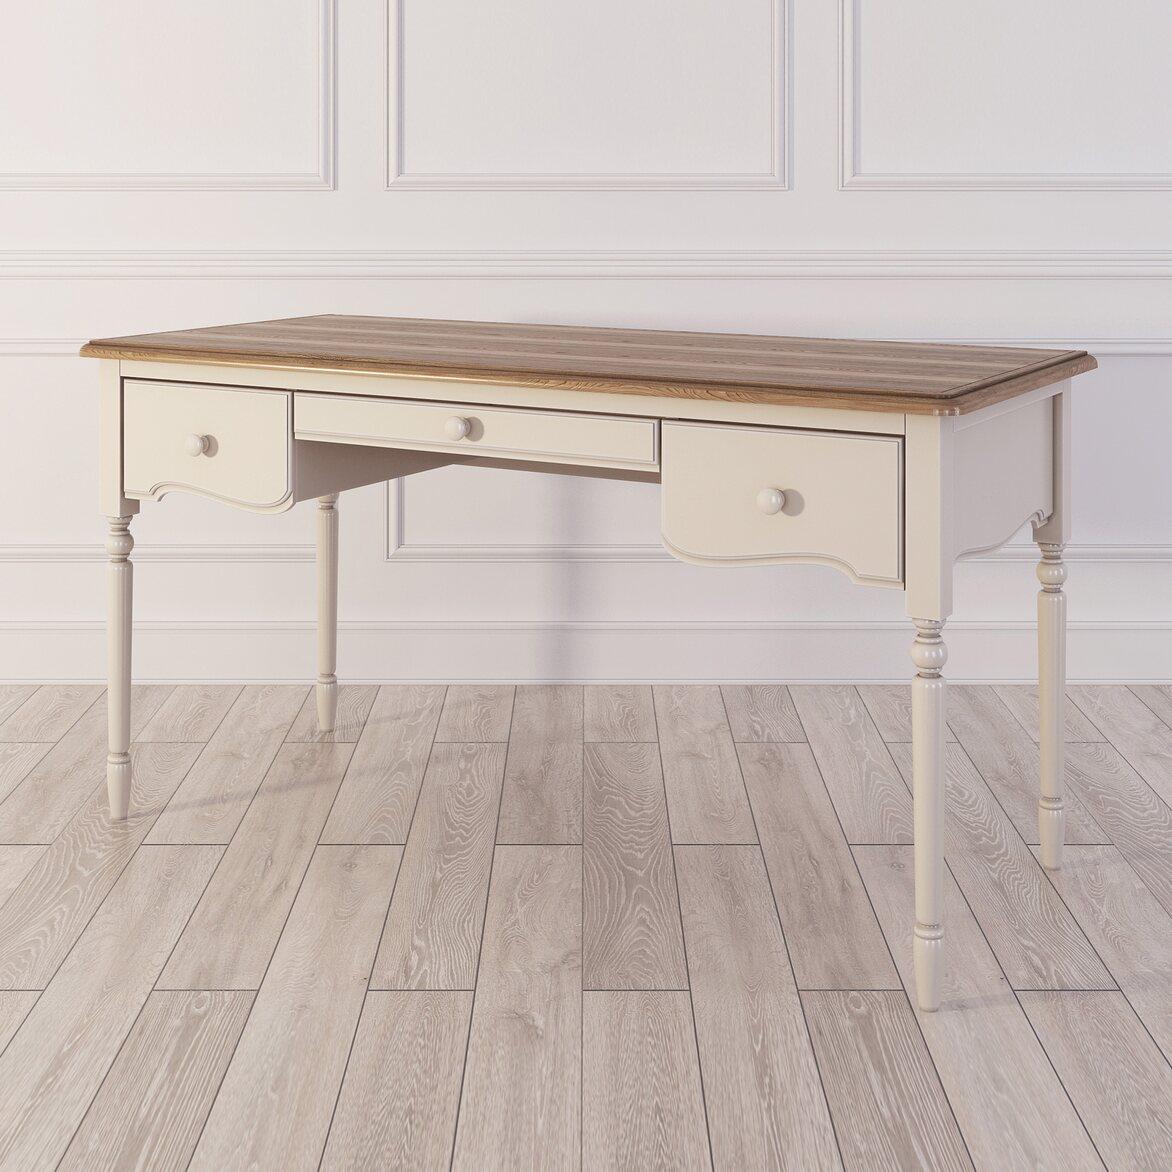 Письменный стол с 3-я ящиками Leblanc, бежевый   Письменные столы Kingsby